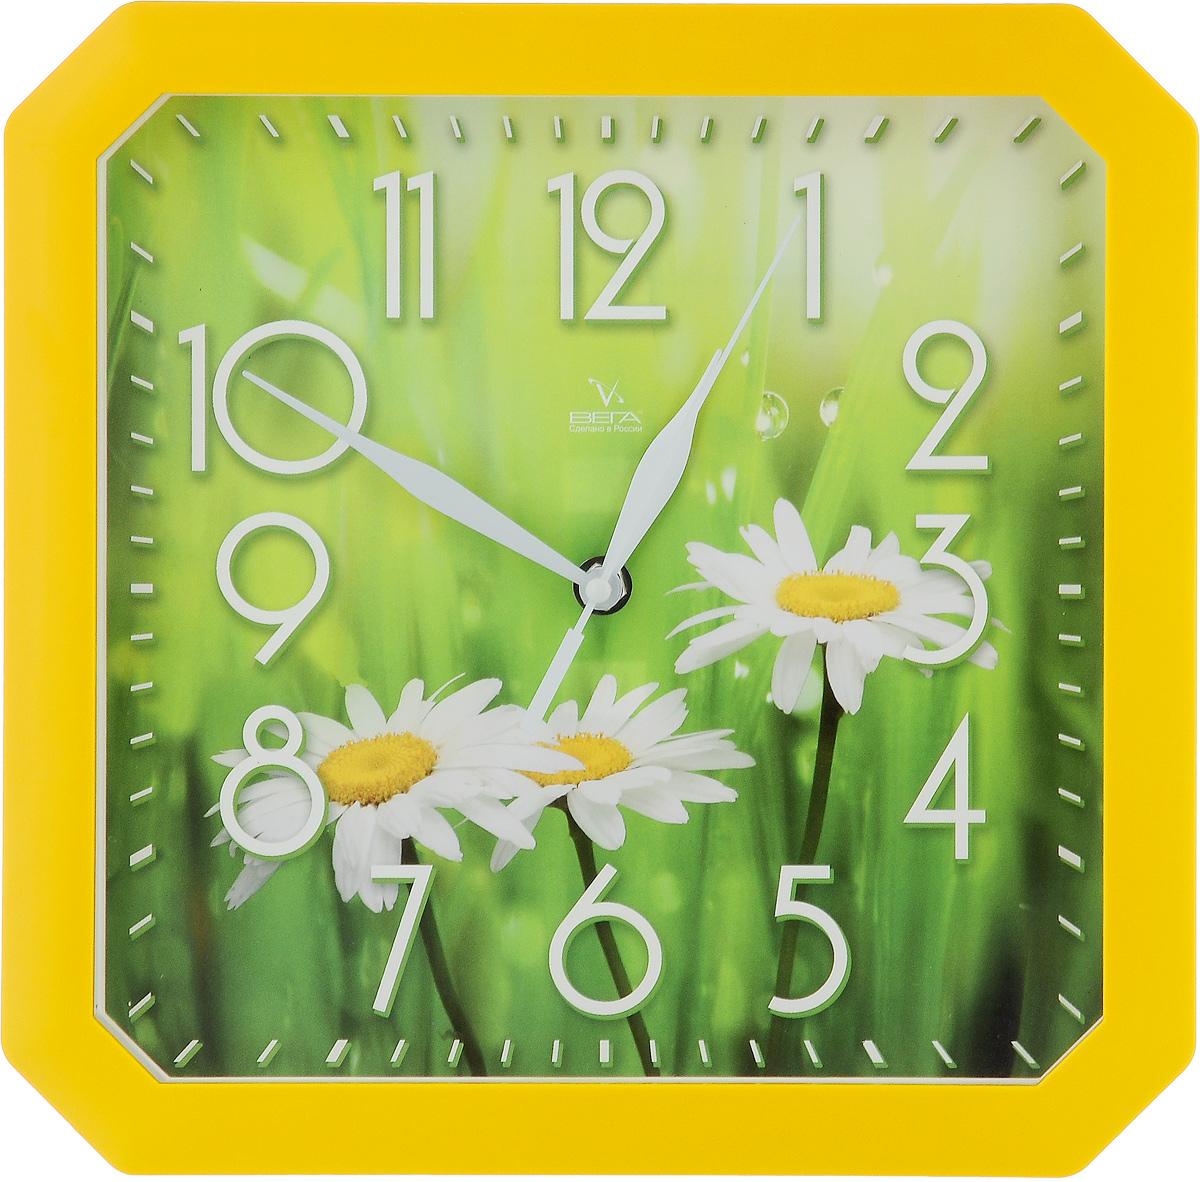 Часы настенные Вега Три ромашки, 28 х 28 х 4 смП1-6/6-299Настенные кварцевые часы Вега Три ромашки, изготовленные из пластика, прекрасно впишутся в интерьер вашего дома. Часы имеют три стрелки: часовую, минутную и секундную, циферблат защищен прозрачным стеклом. Часы работают от 1 батарейки типа АА напряжением 1,5 В (не входит в комплект).